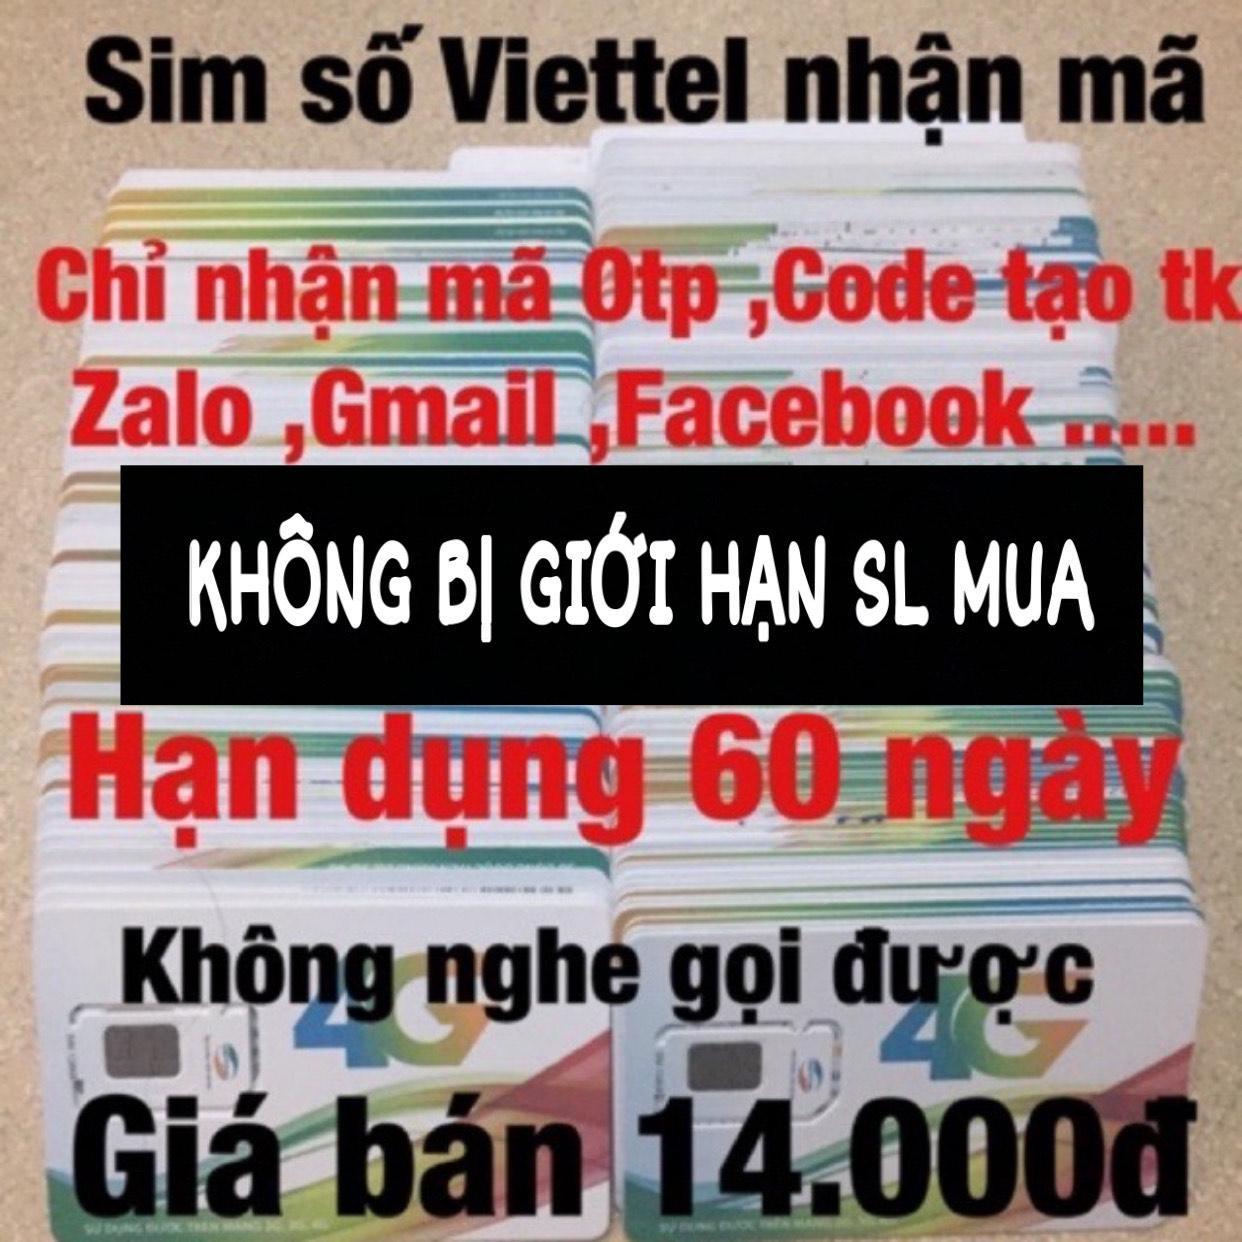 Ưu Đãi Giá cho Sim Viettel Nhận Mac Otp 13K/Sim